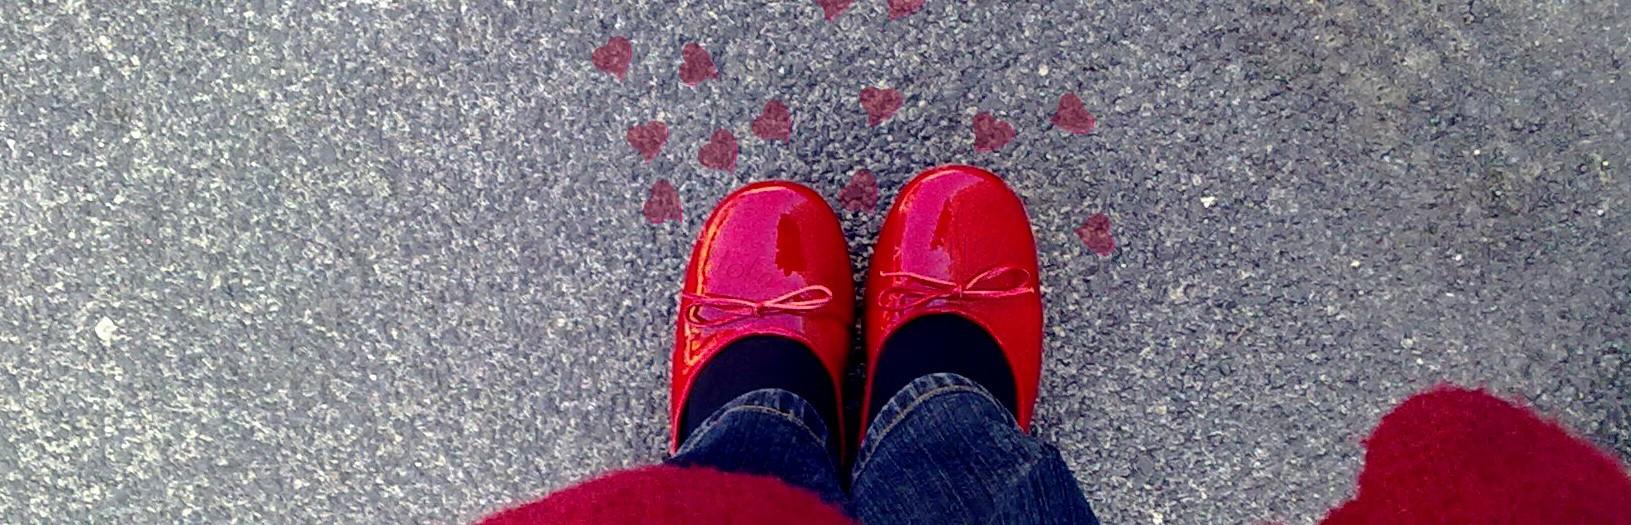 Happy S. Valentine's Day